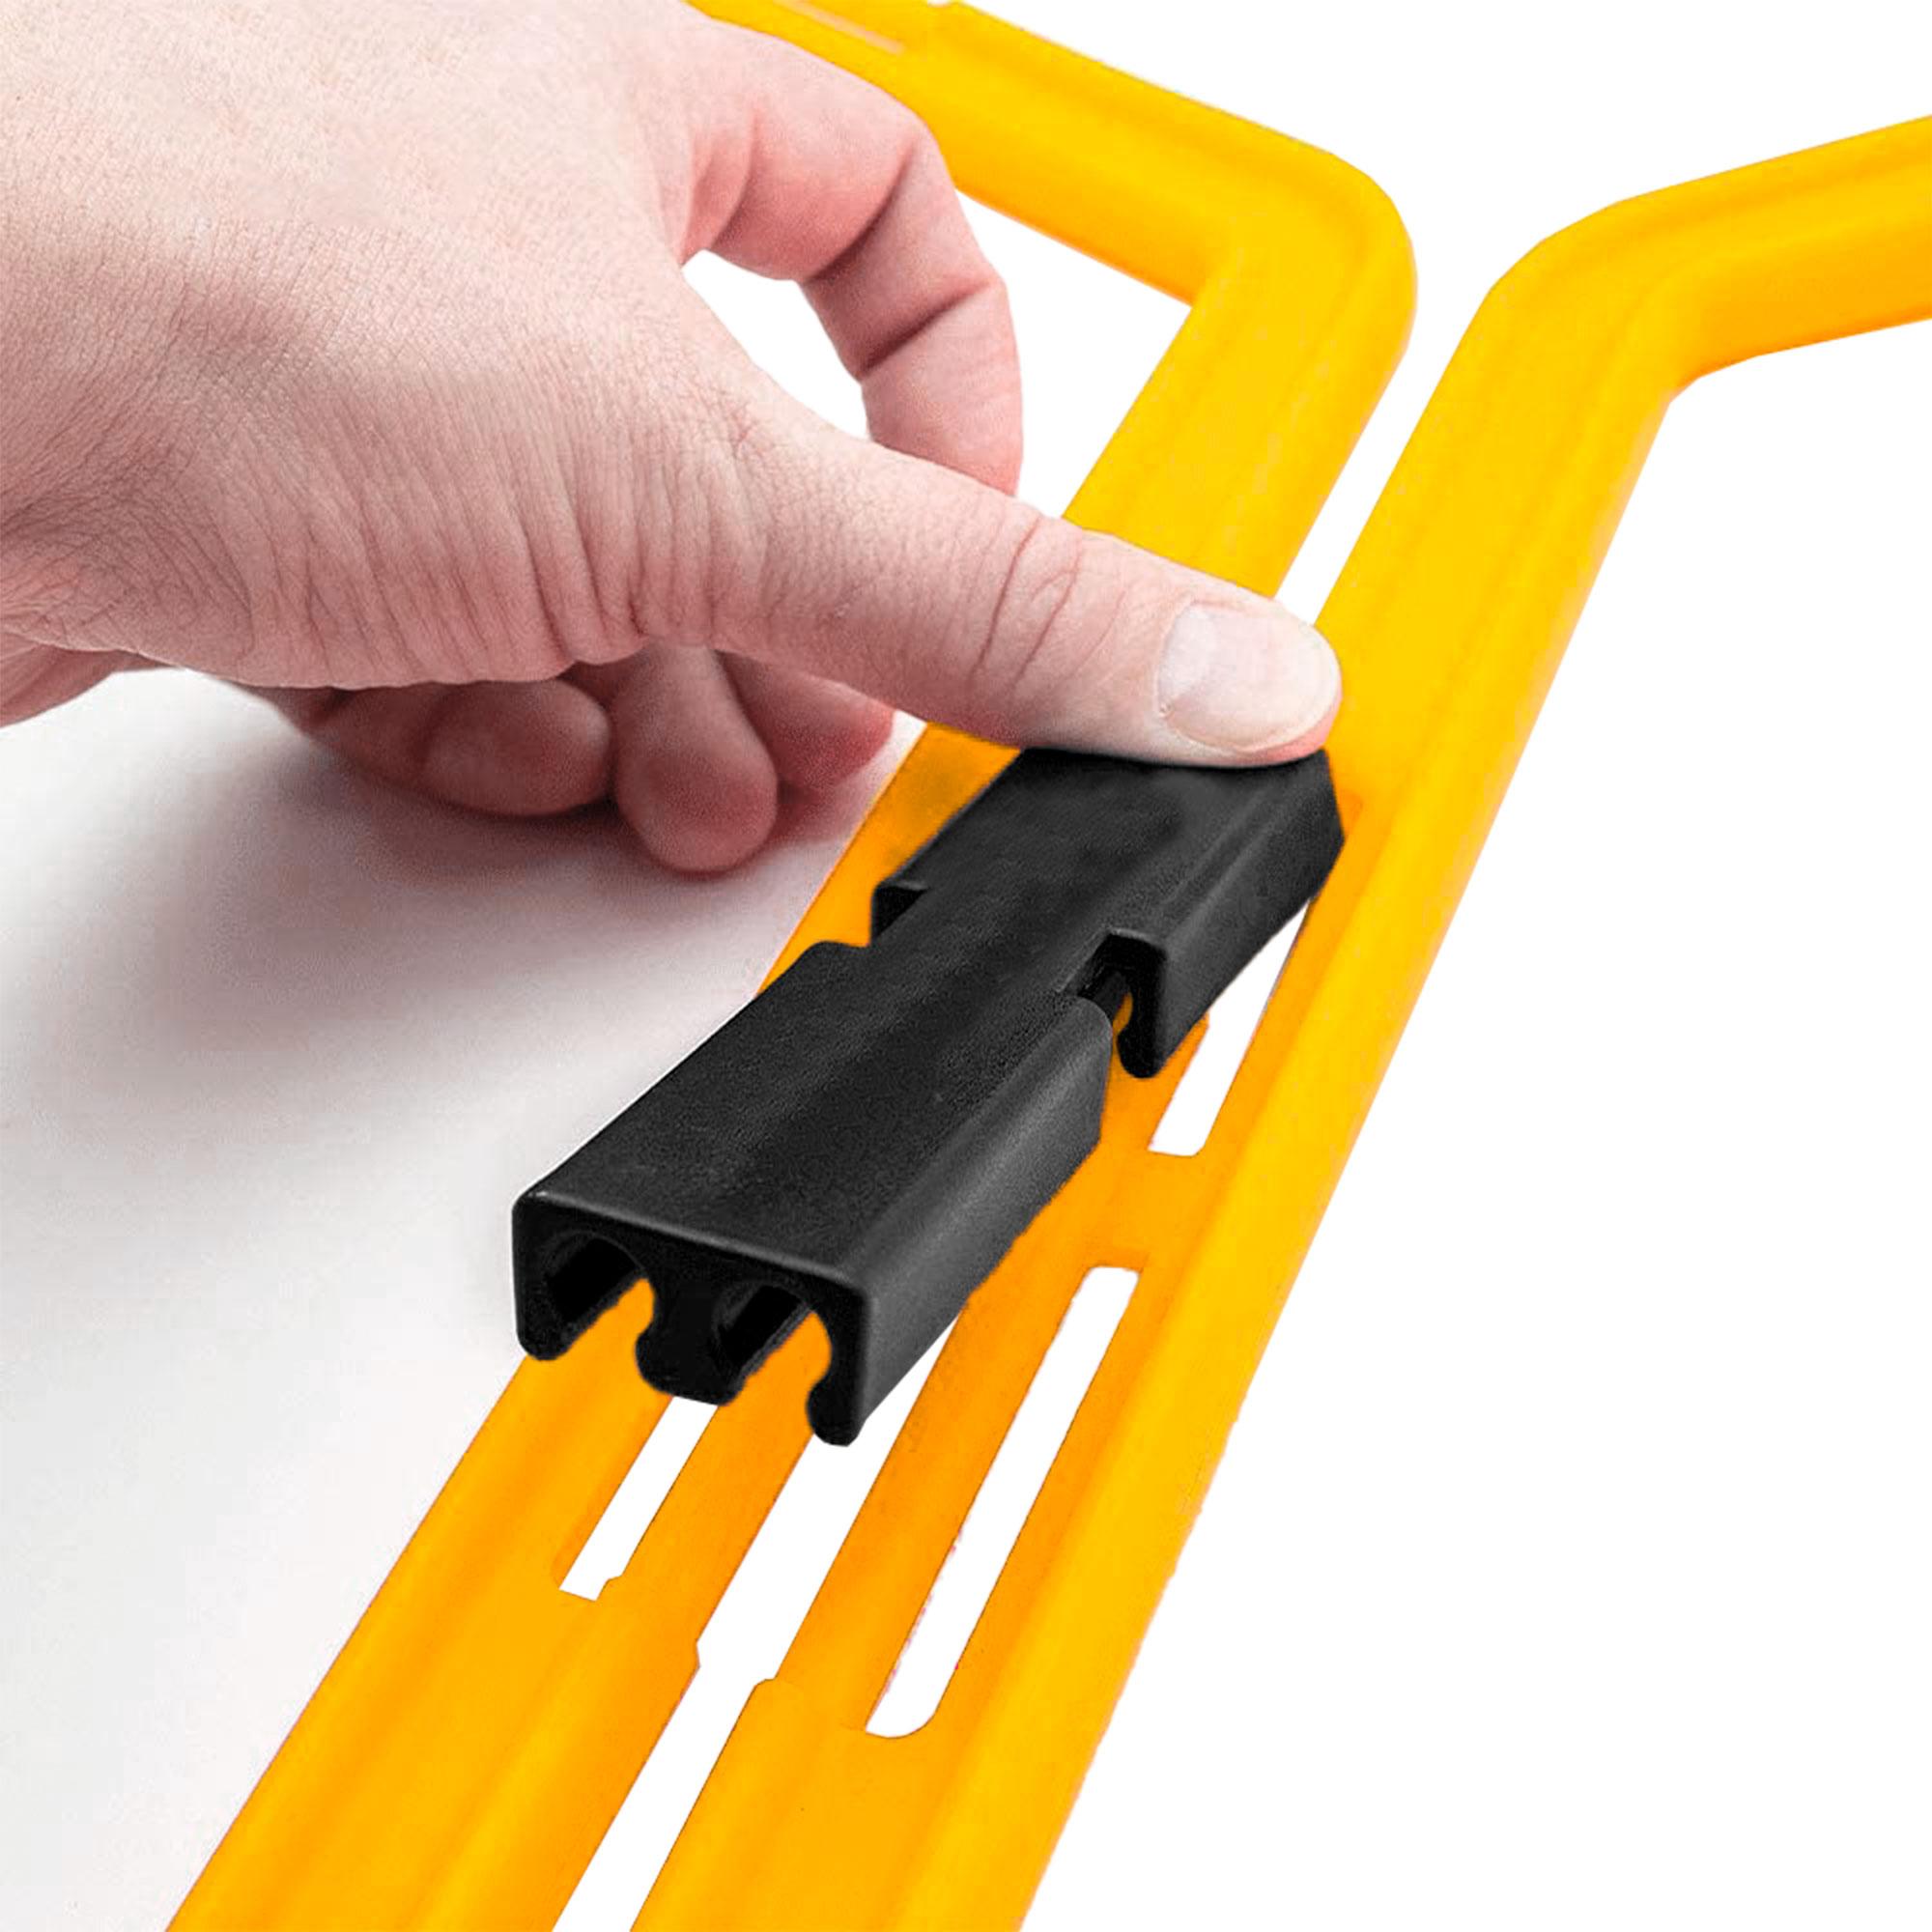 Escada Agilidade Pró Treinamento Funcional Hexagonal de PVC 6 Módulos- 50 cm 09117